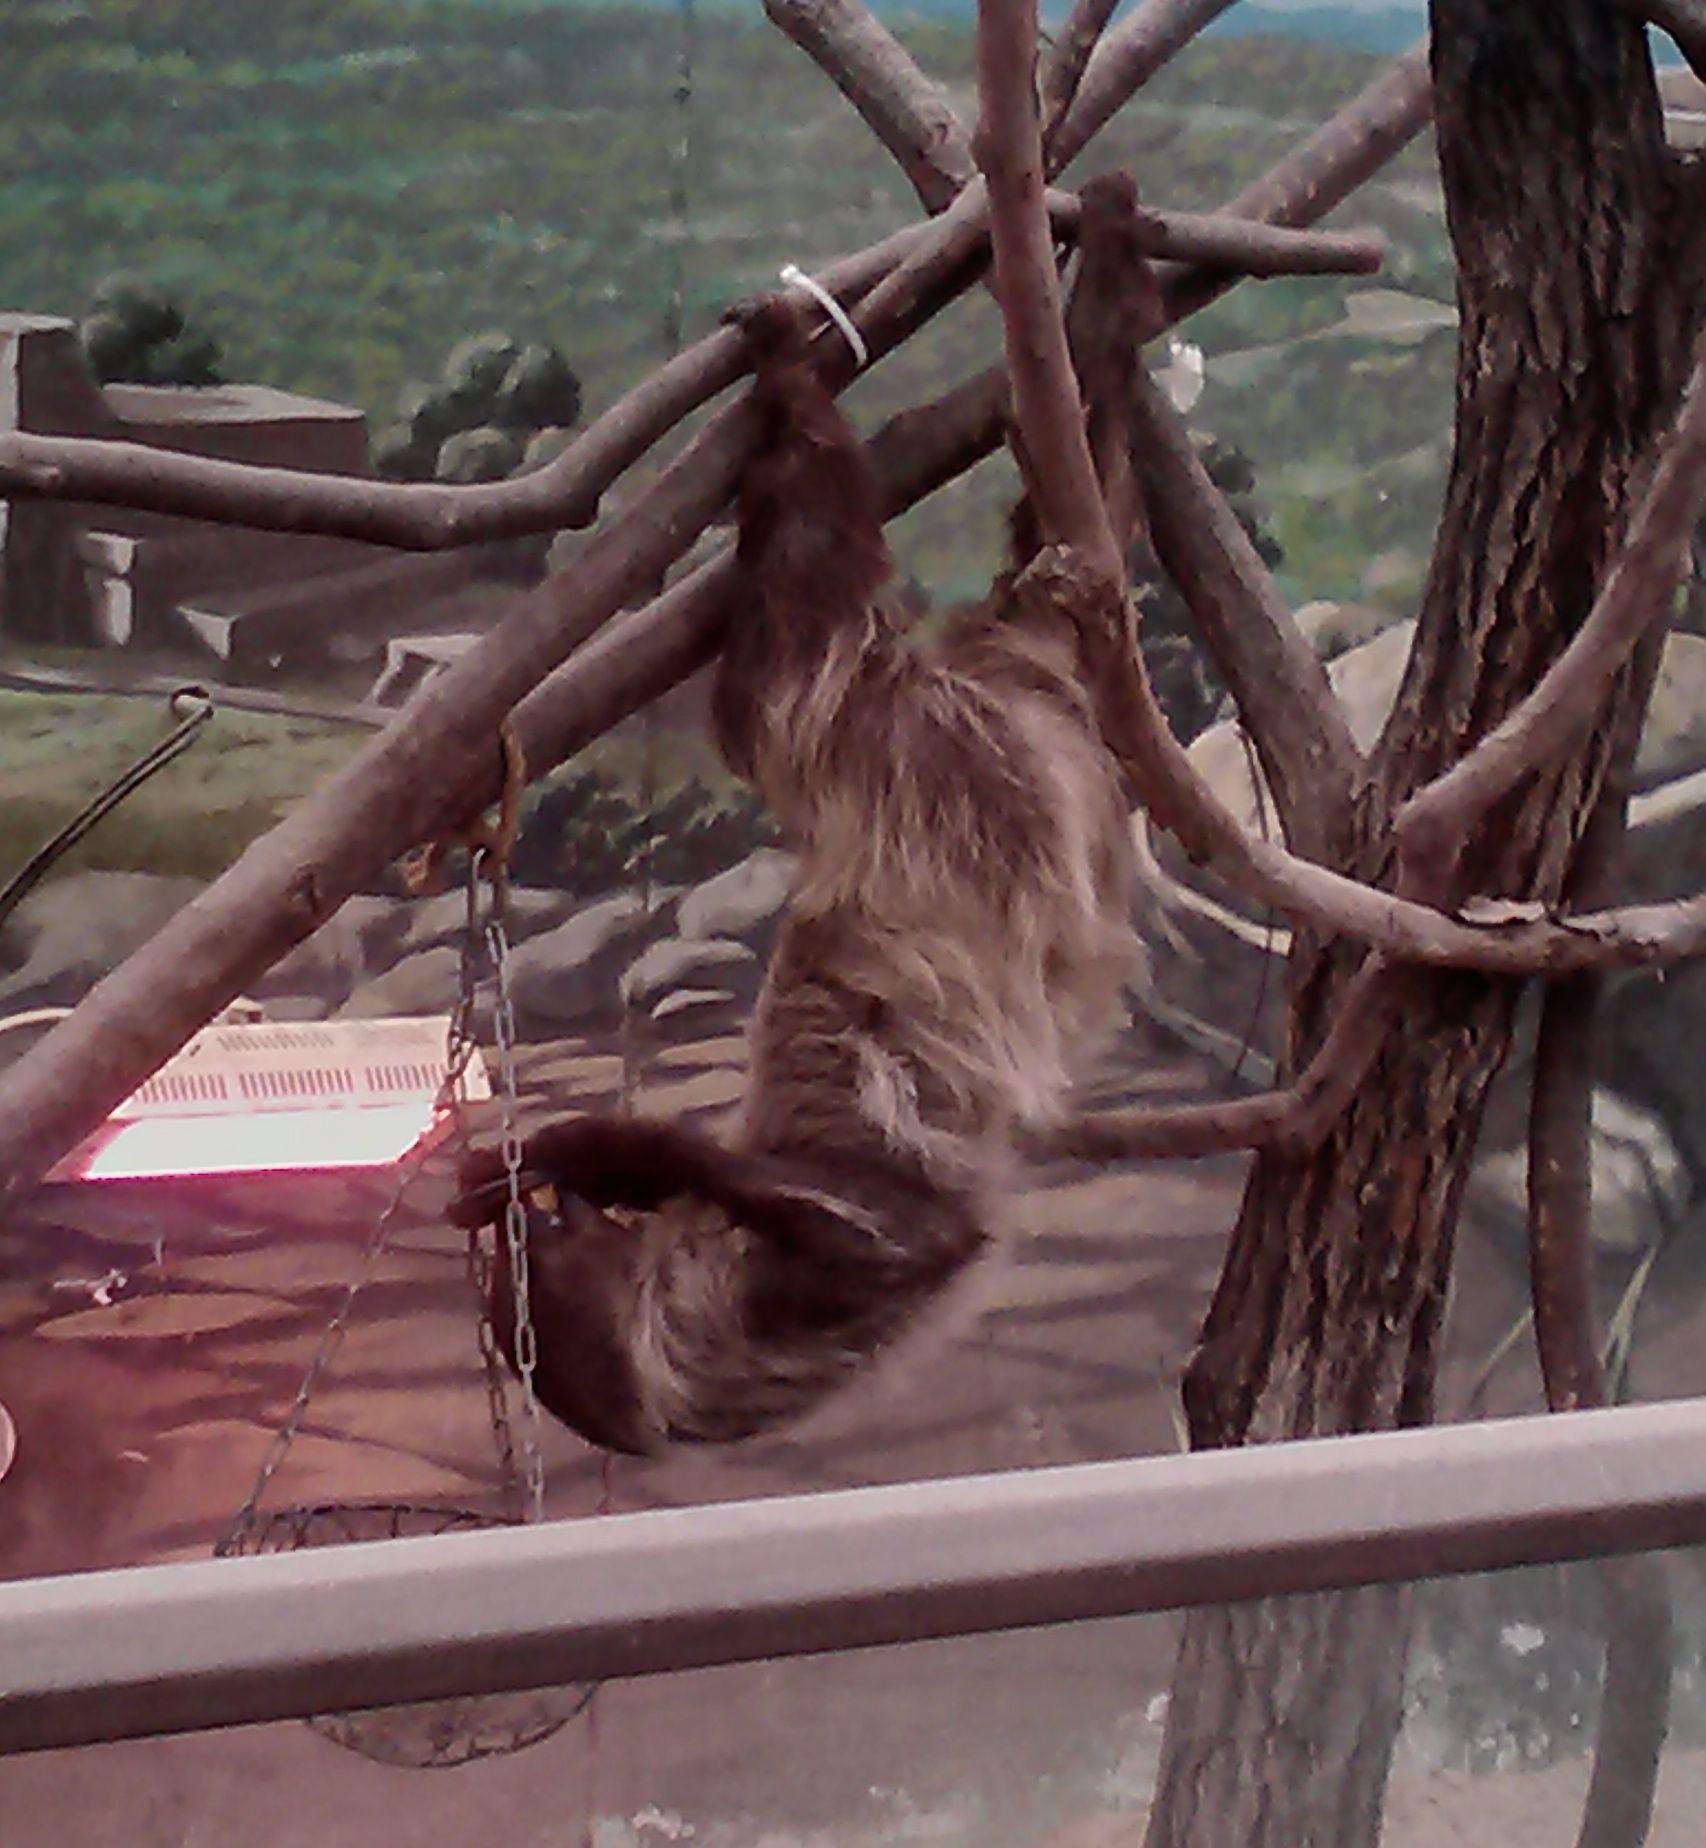 Eating-Sloth-2.jpg